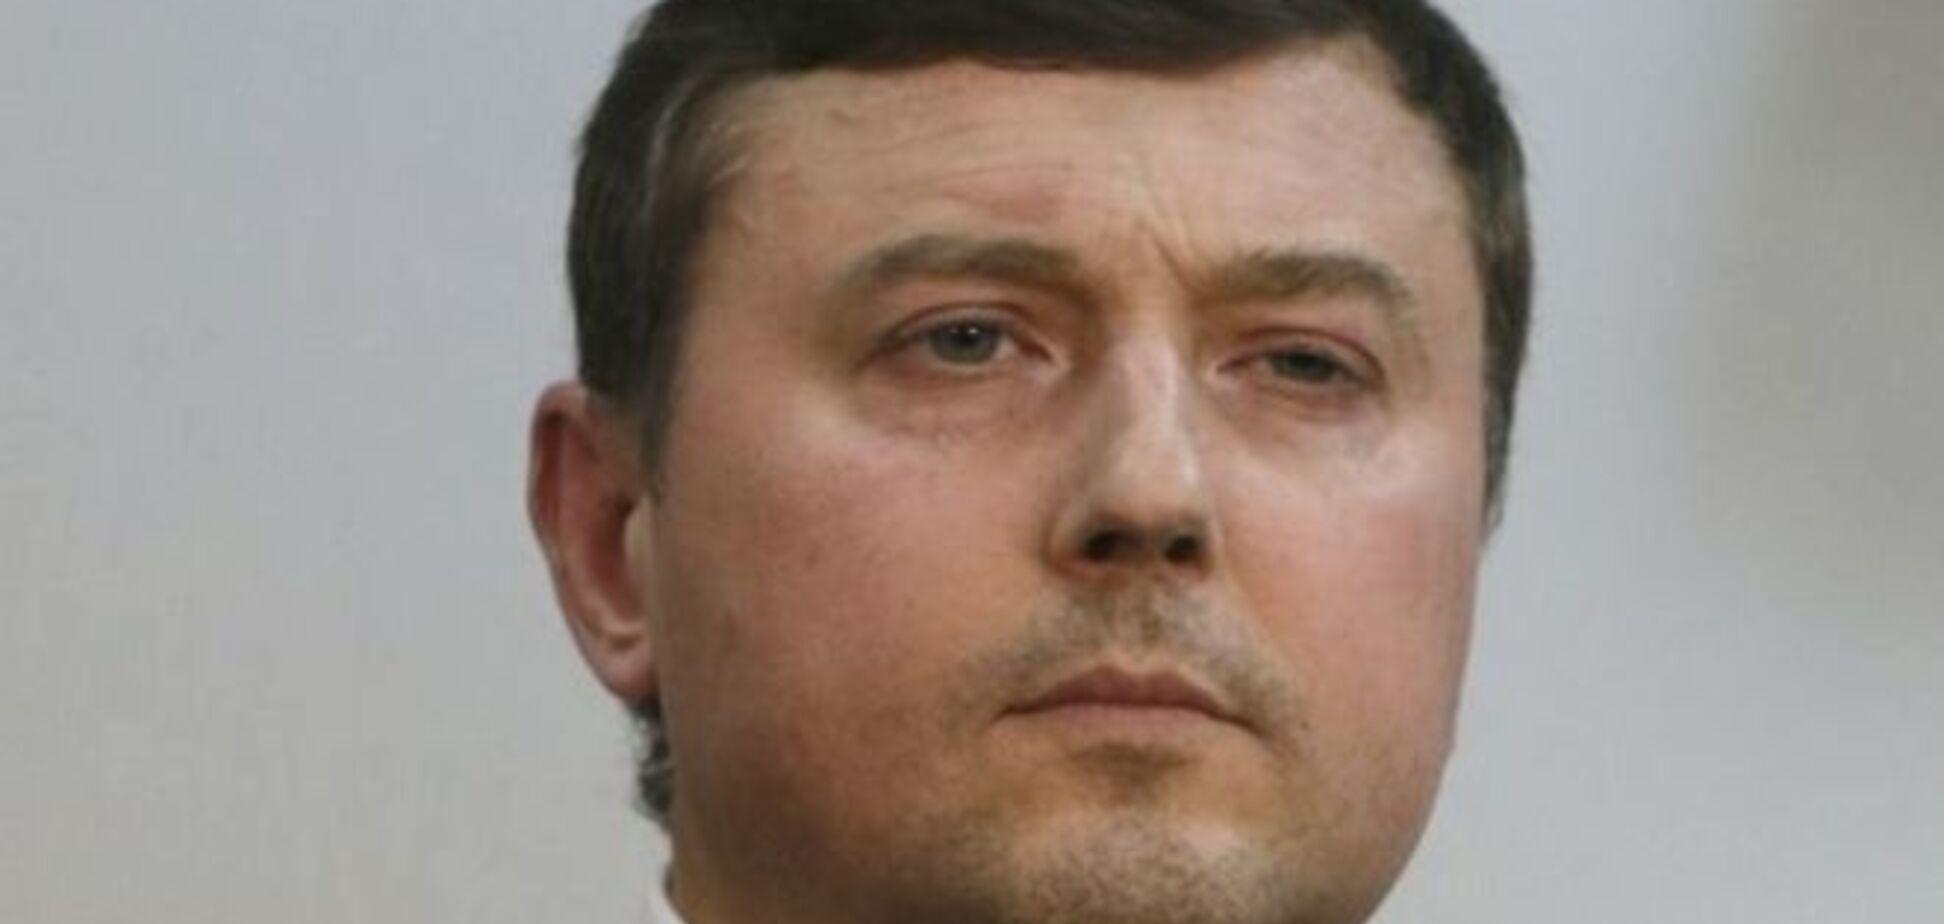 МВД объявило в розыск экс-главу 'Укрспецэкспорта' Бондарчука